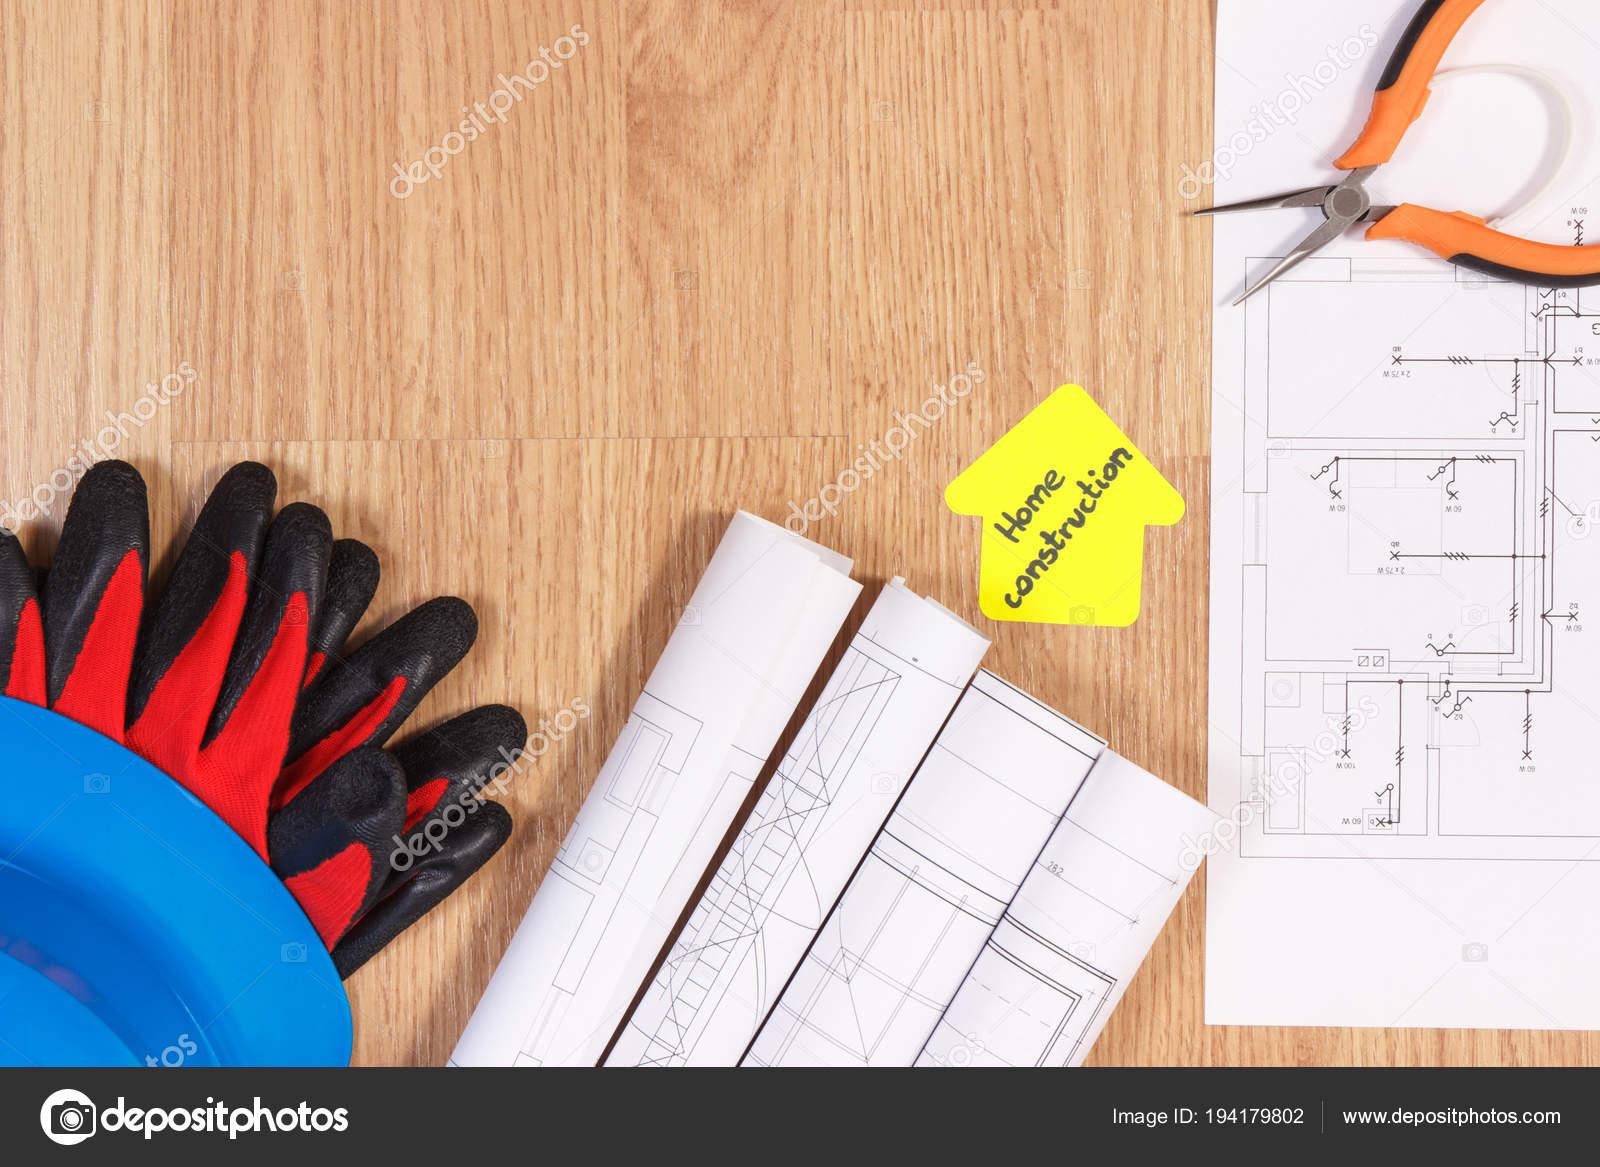 413f5a2fbd2f2 Casque de protection bleu avec gants, pinces métalliques, schémas ou  dessins de construction électrique et papier jaune en forme de maison avec  la ...